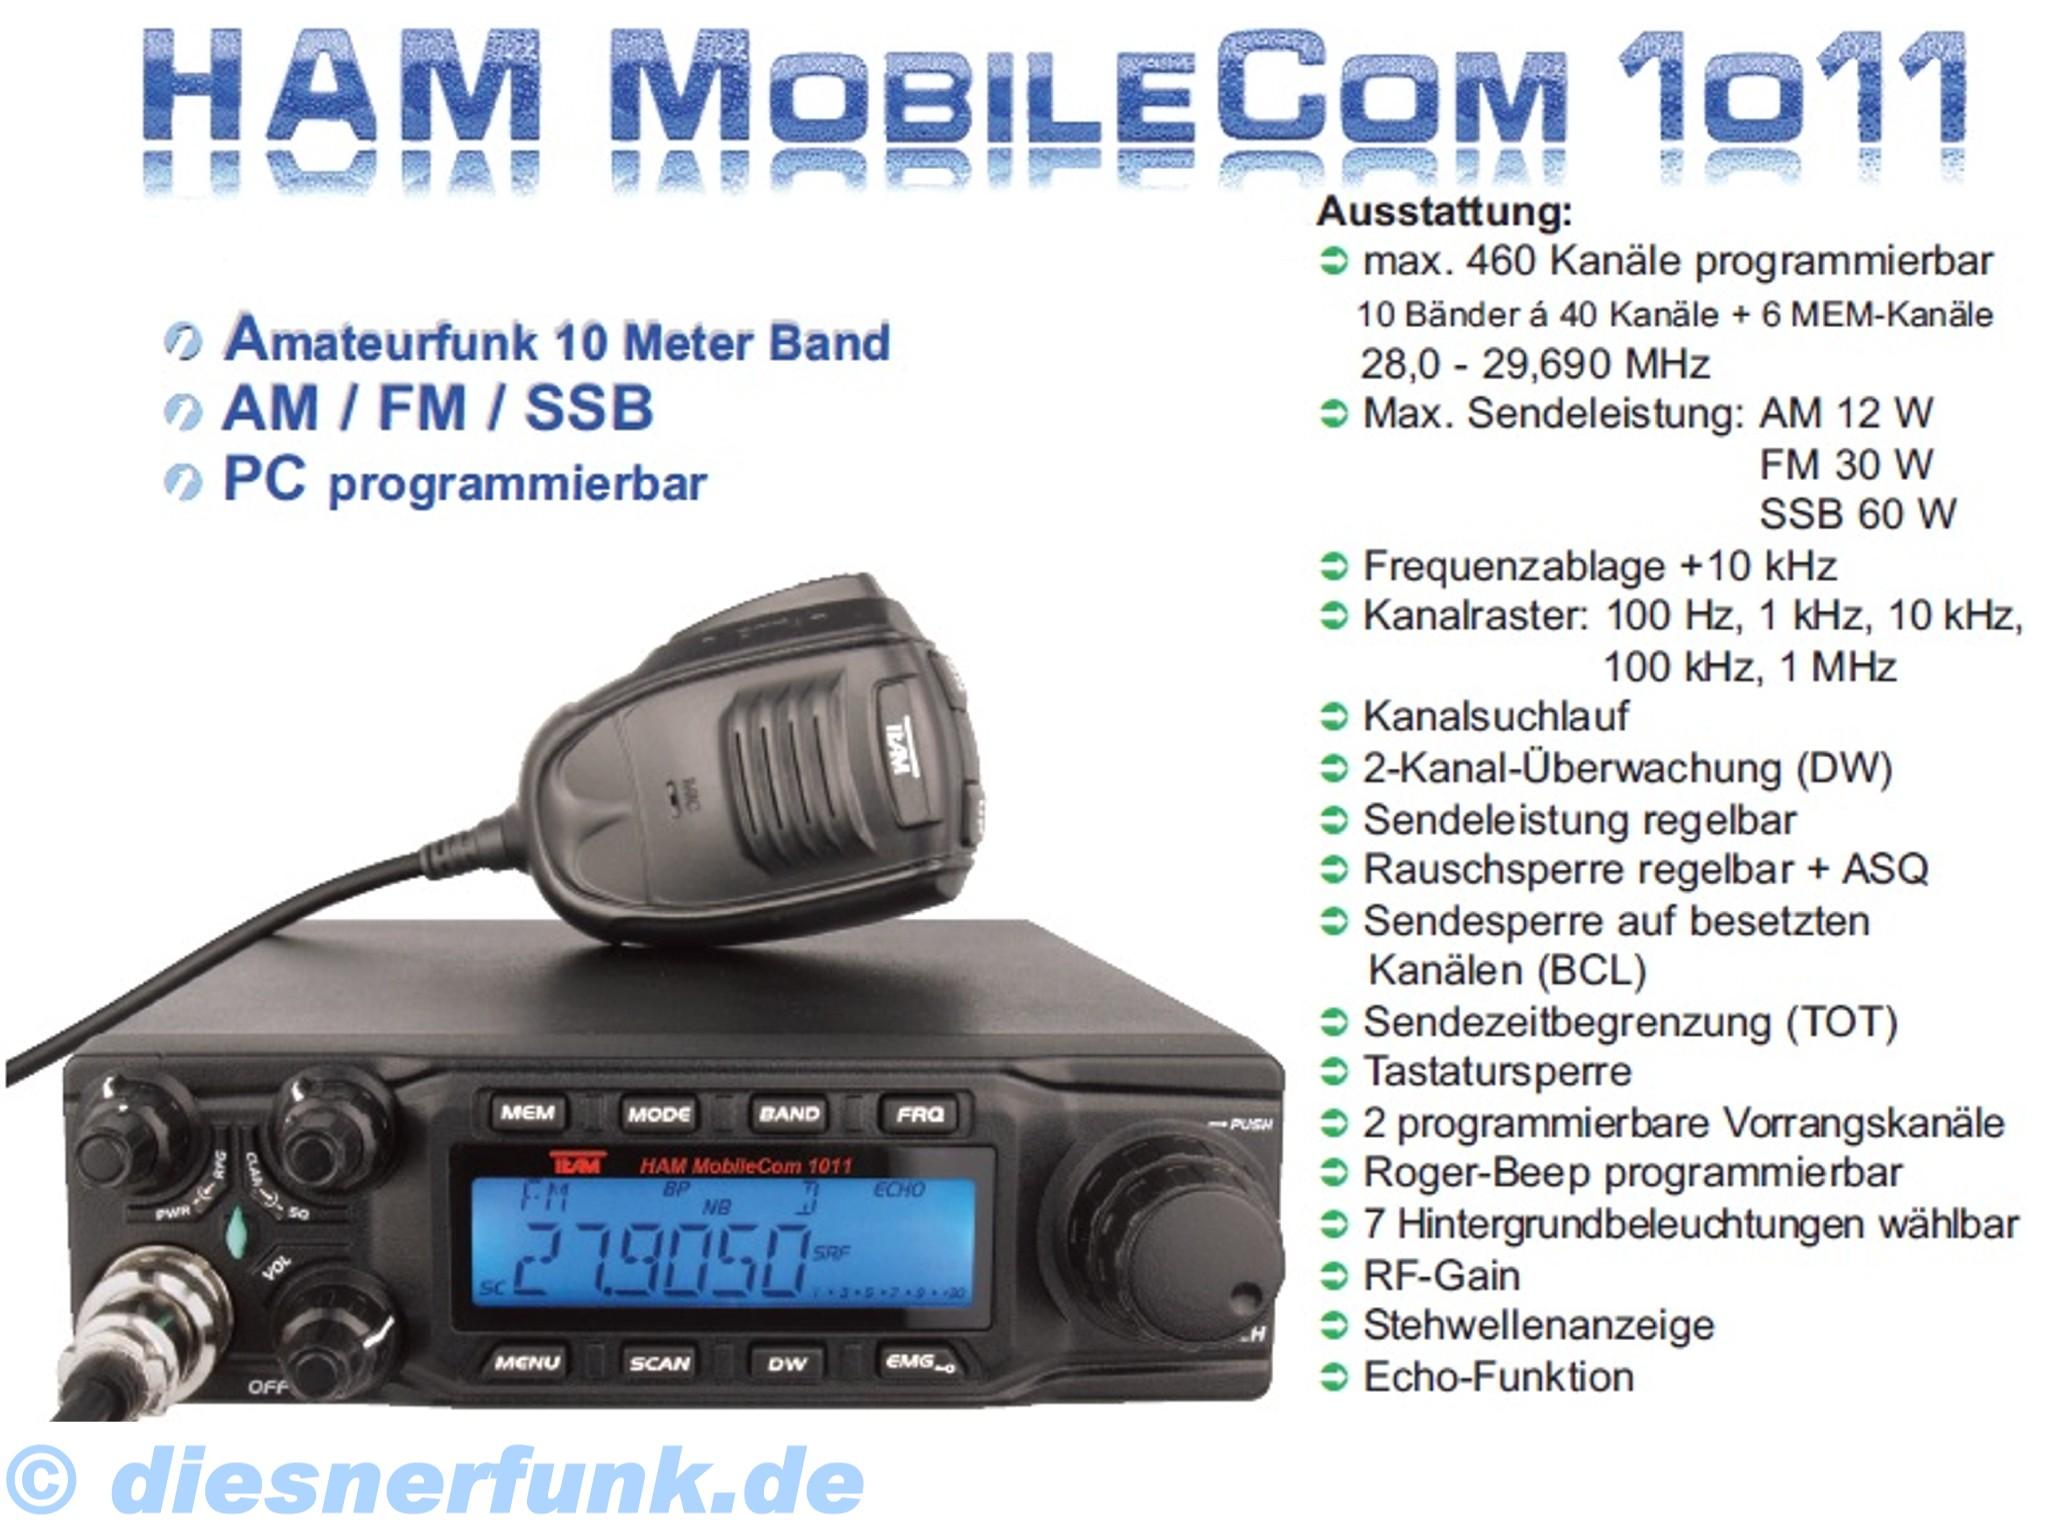 team ham mobilecom 1011 mobilfunkger t amateurfunk 10meter. Black Bedroom Furniture Sets. Home Design Ideas